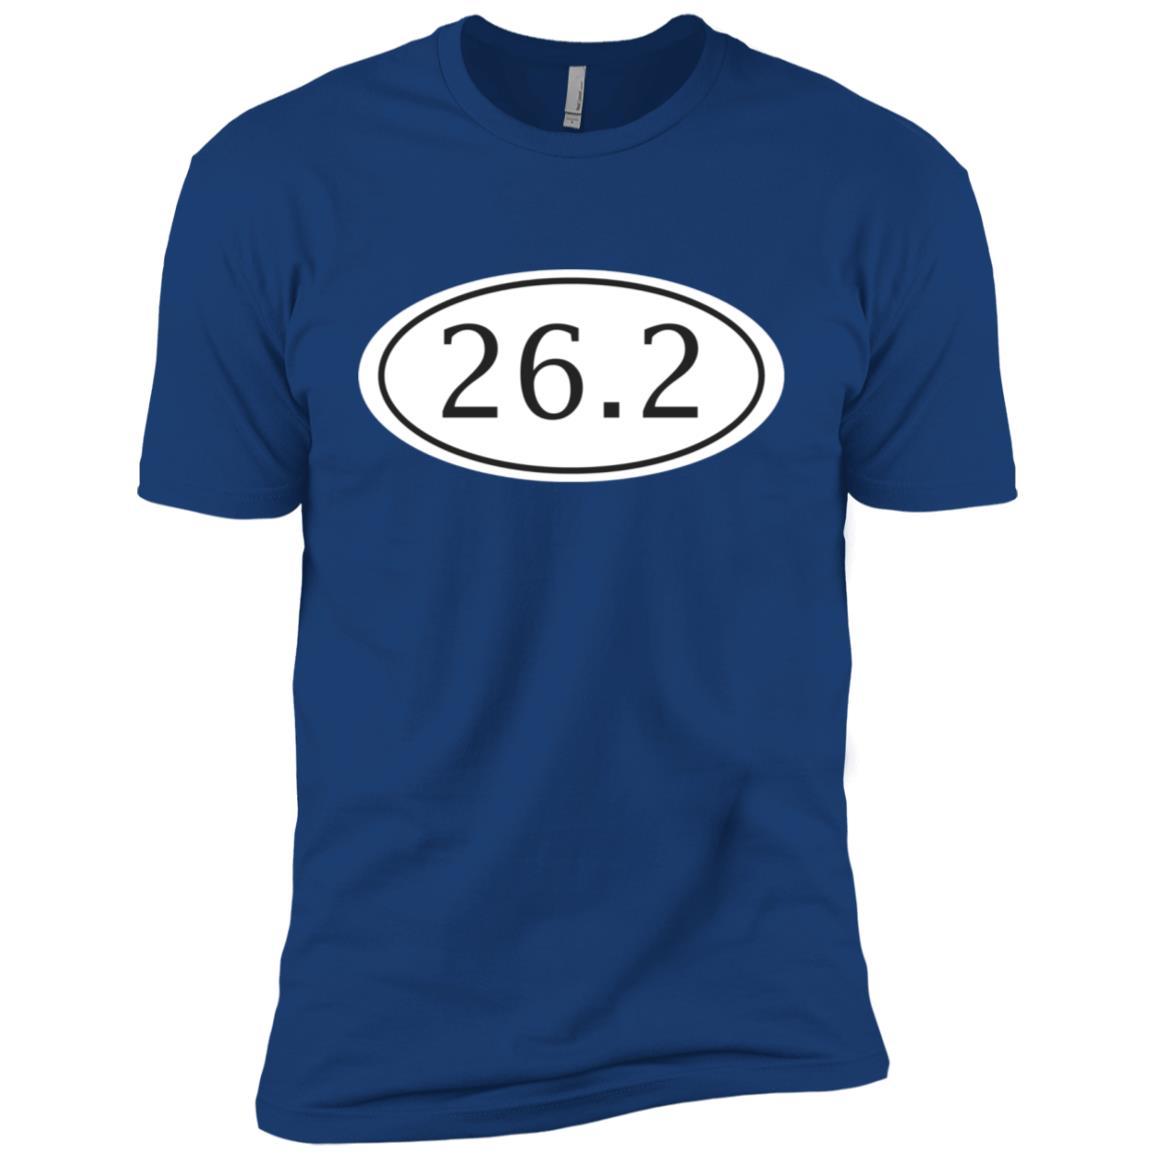 26.2 Marathon - Runner's for Marathoners Men Short Sleeve T-Shirt